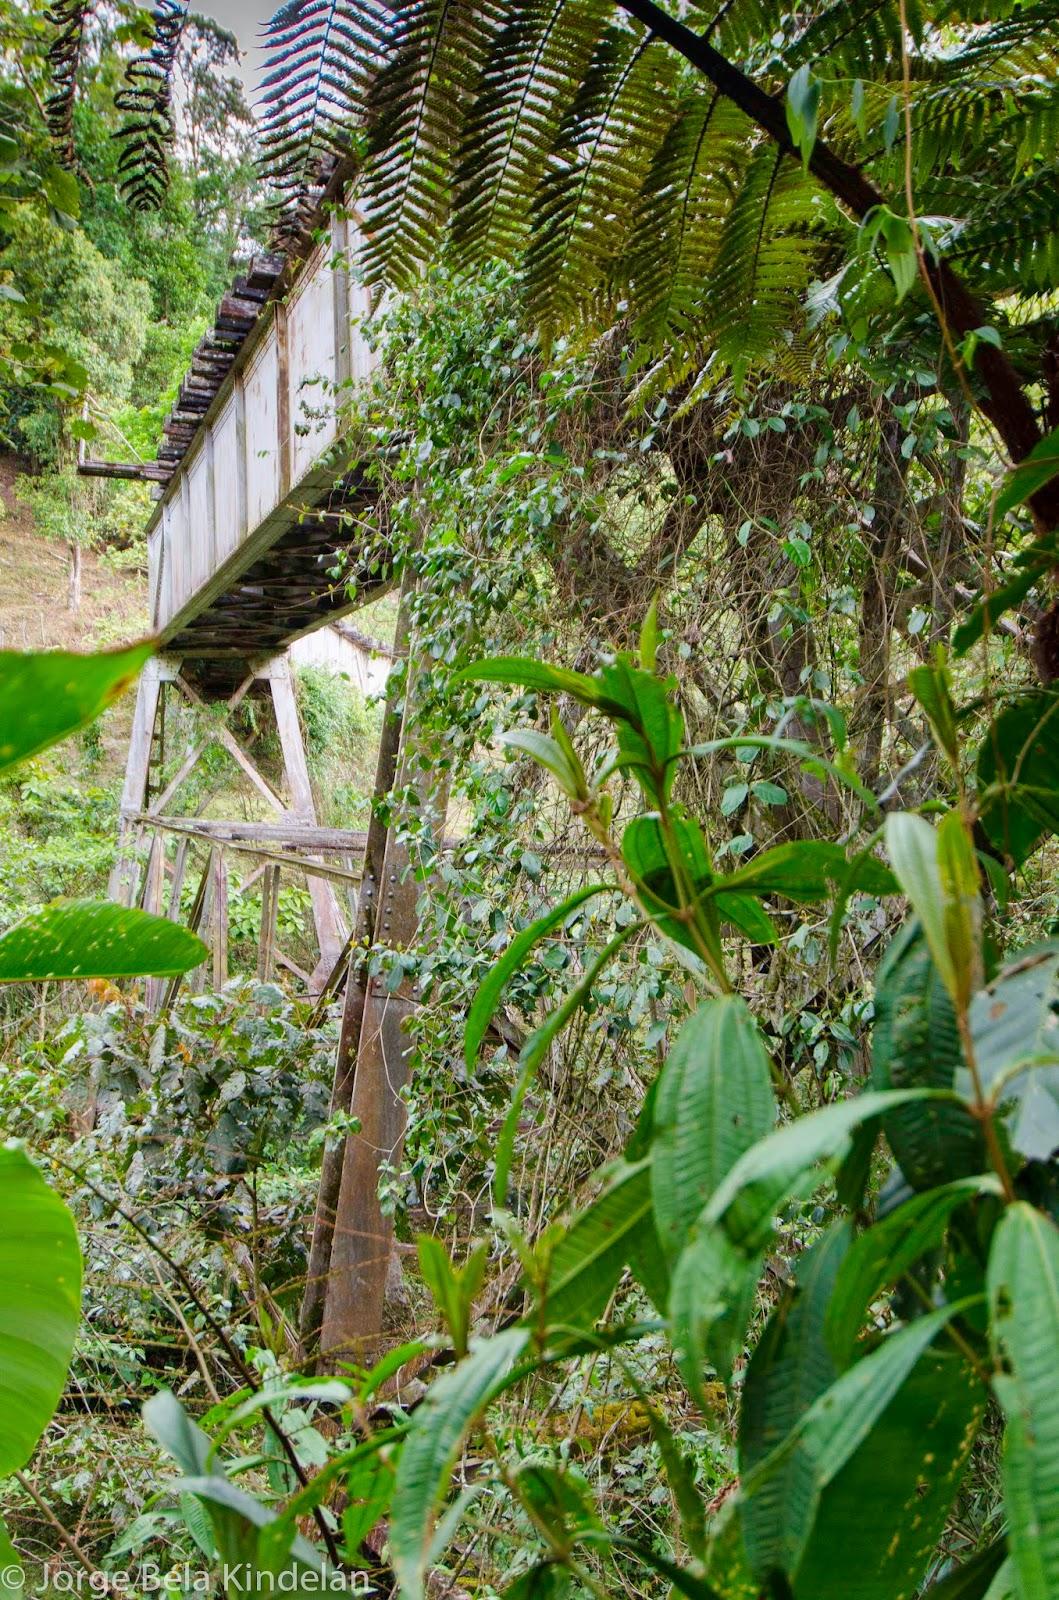 Los antiguos puentes del tren se pueden vadear fácilmente. Foto: Jorge Bela